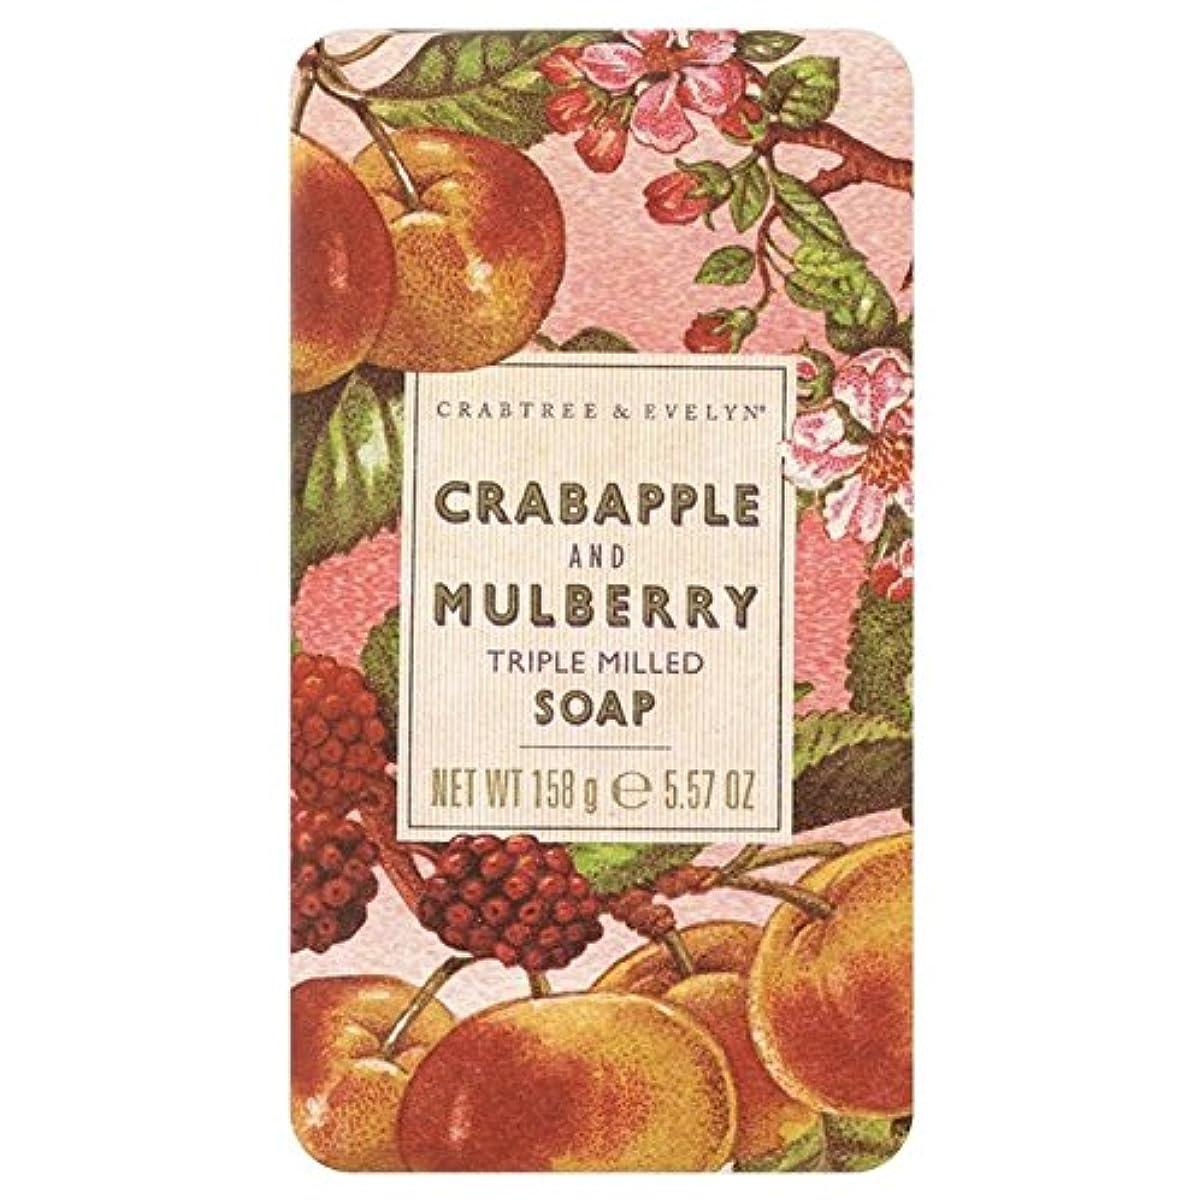 永久ヘッドレスサイクルクラブツリー&イヴリンと桑遺産石鹸150グラム x4 - Crabtree & Evelyn Crabapple and Mulberry Heritage Soap 150g (Pack of 4) [並行輸入品]